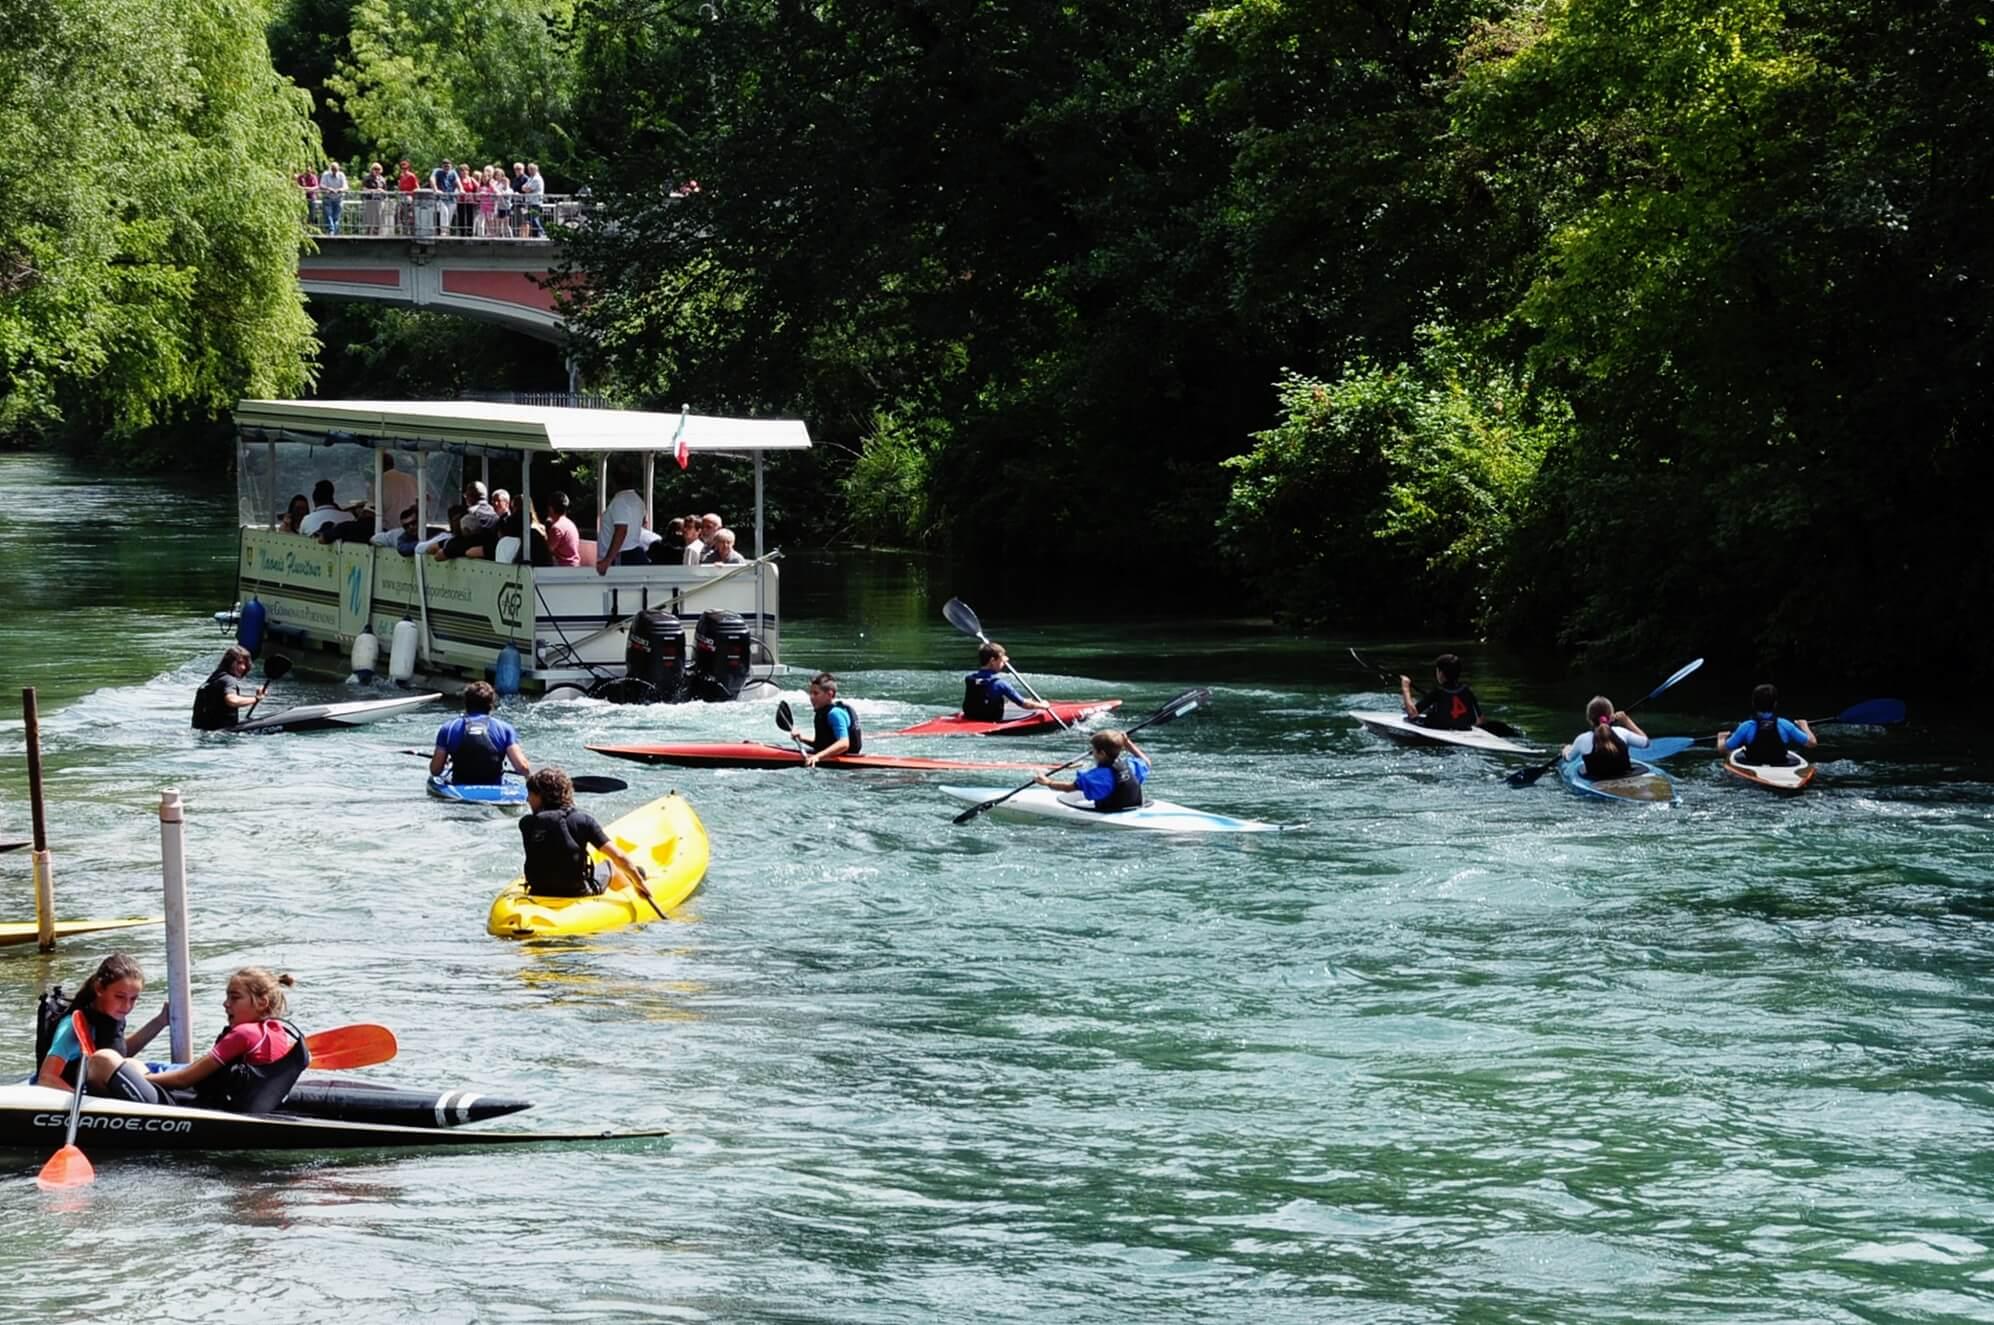 Nella foto bambini che fanno lezione di canoa sul fiume Noncello di Pordenone e persone che navigano sul battello